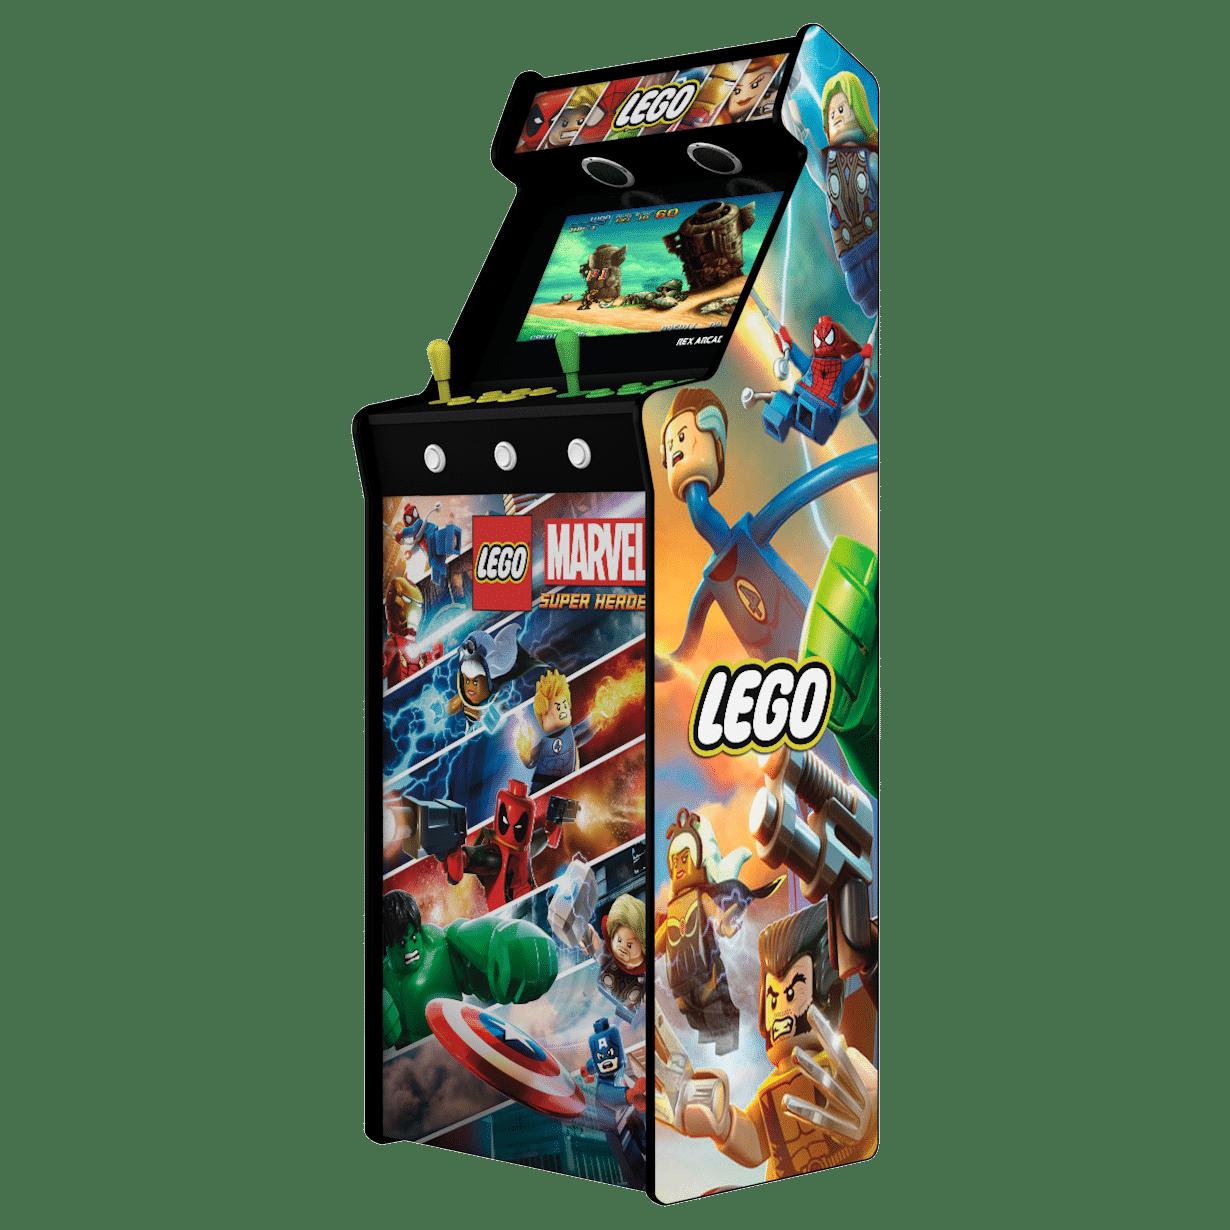 028 – LEGO MARVEL